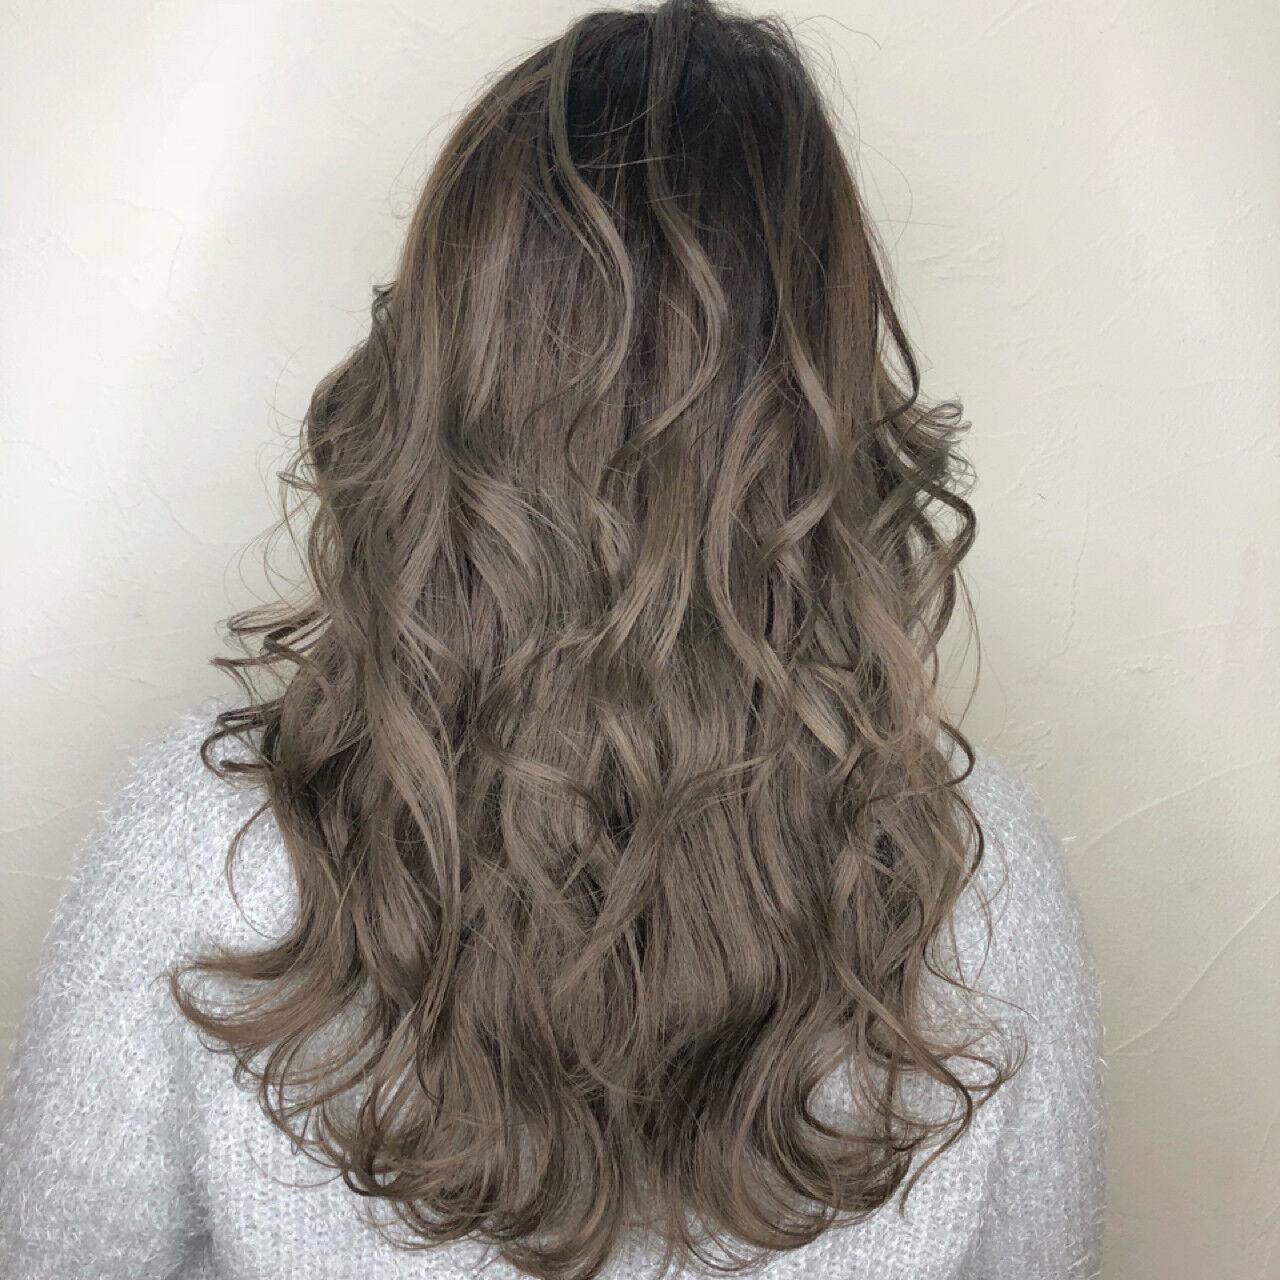 グレージュ ミディアム ミルクティーベージュ ナチュラルヘアスタイルや髪型の写真・画像